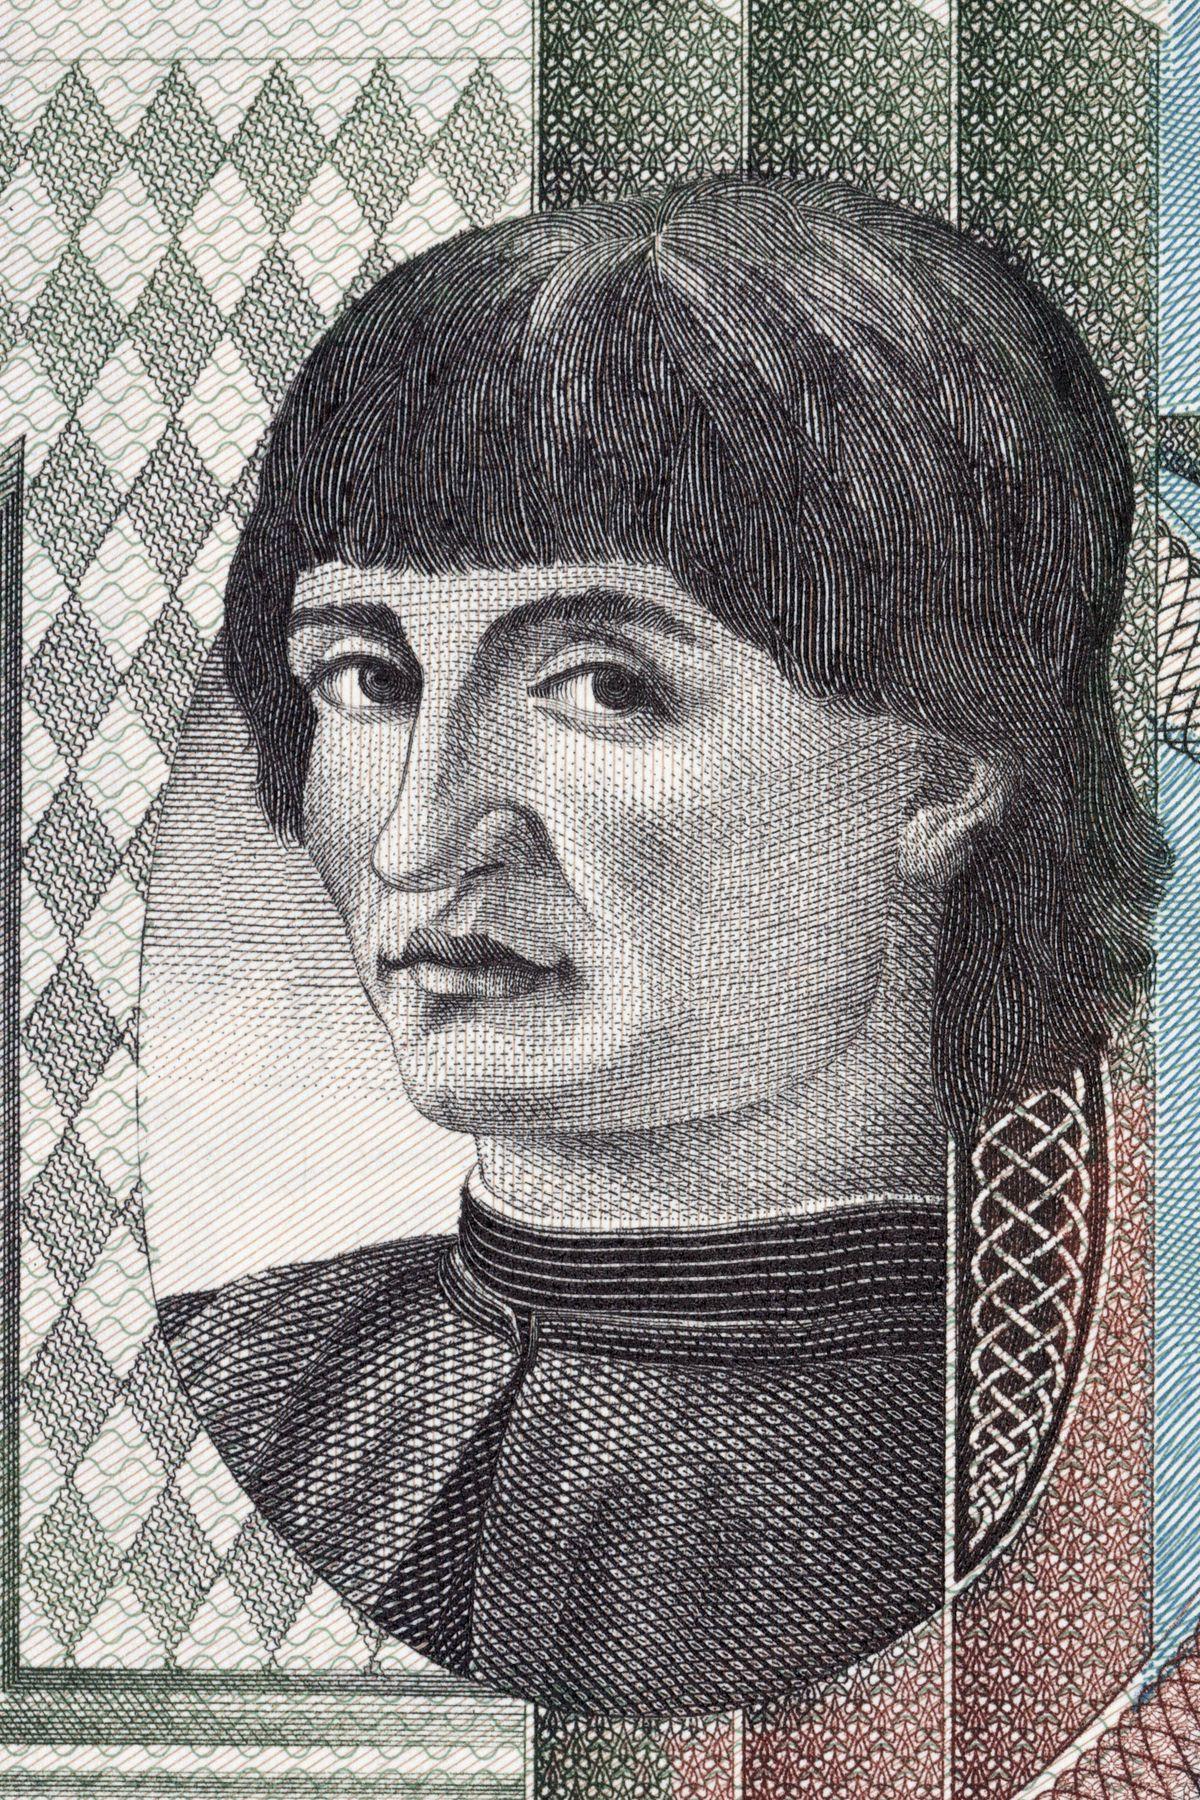 Niccoló Machiavelli